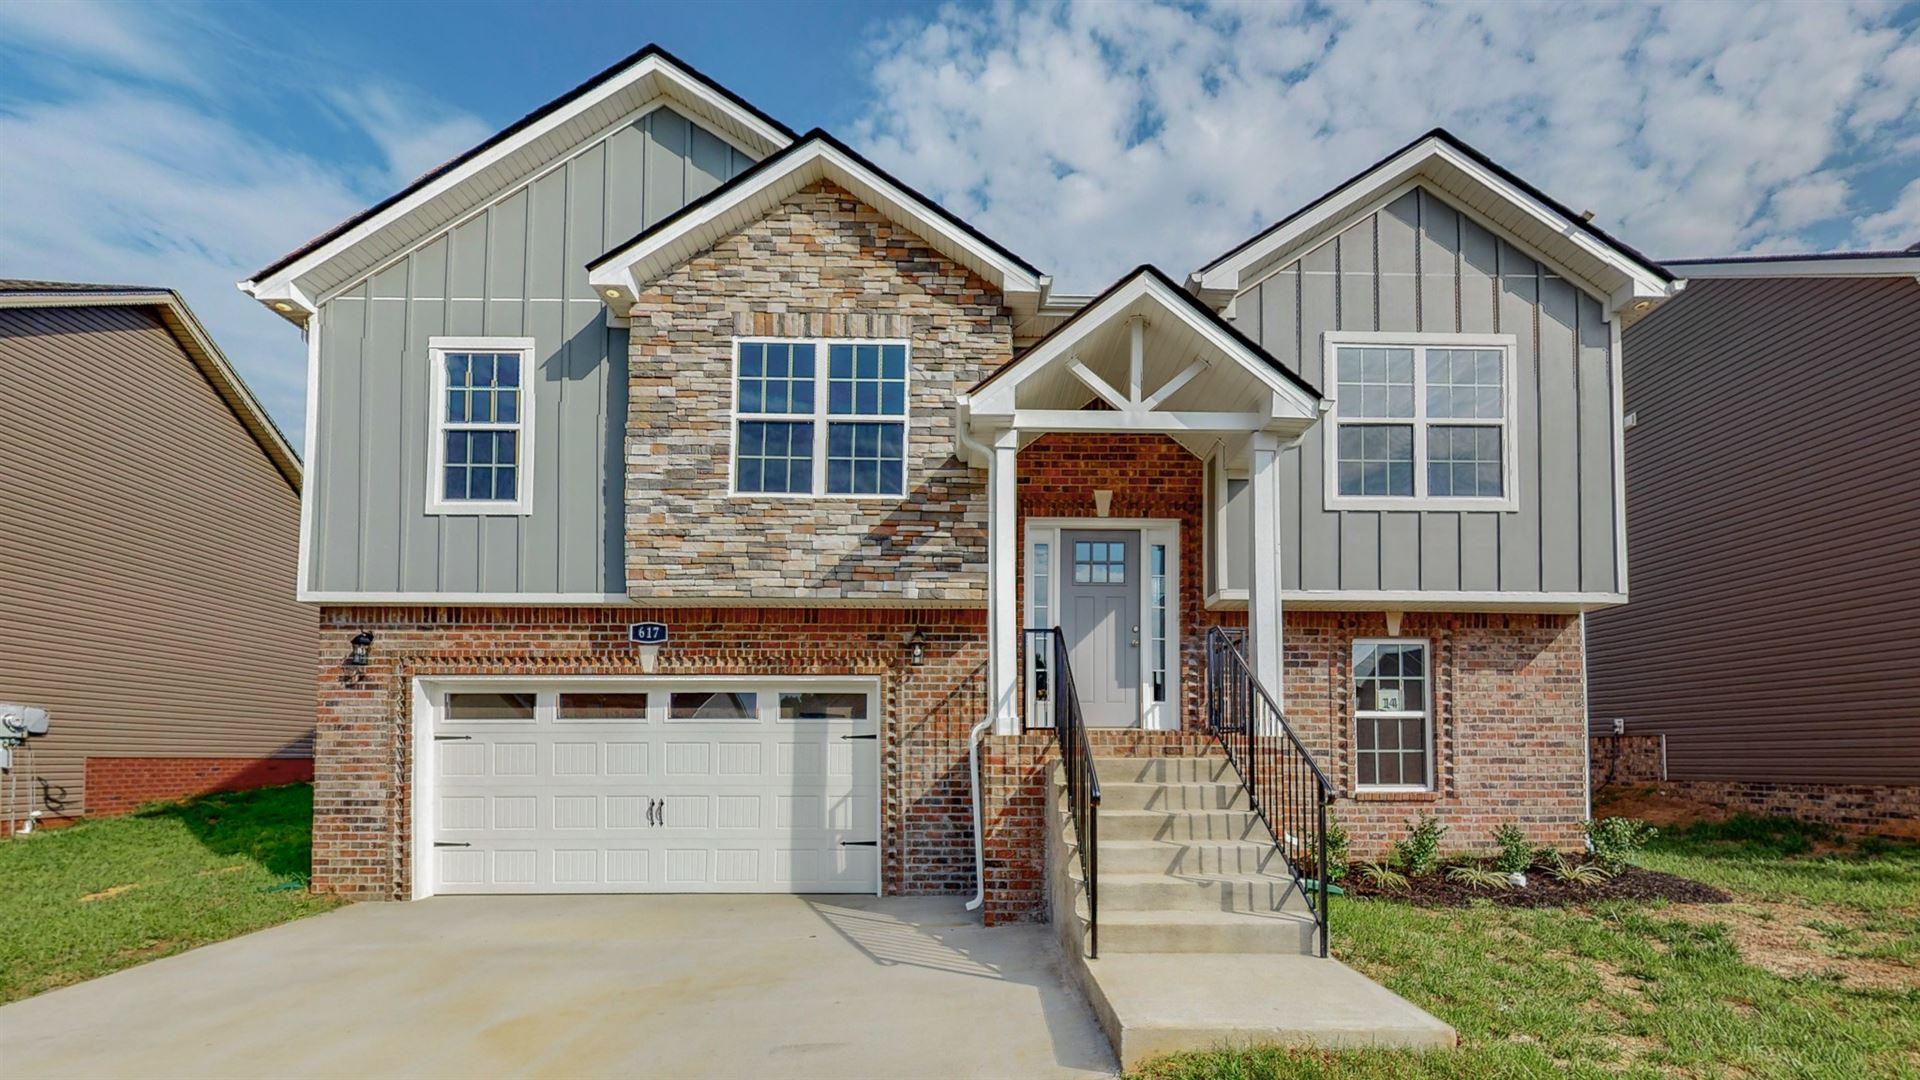 14 Charleston Oaks, Clarksville, TN 37042 - MLS#: 2255387